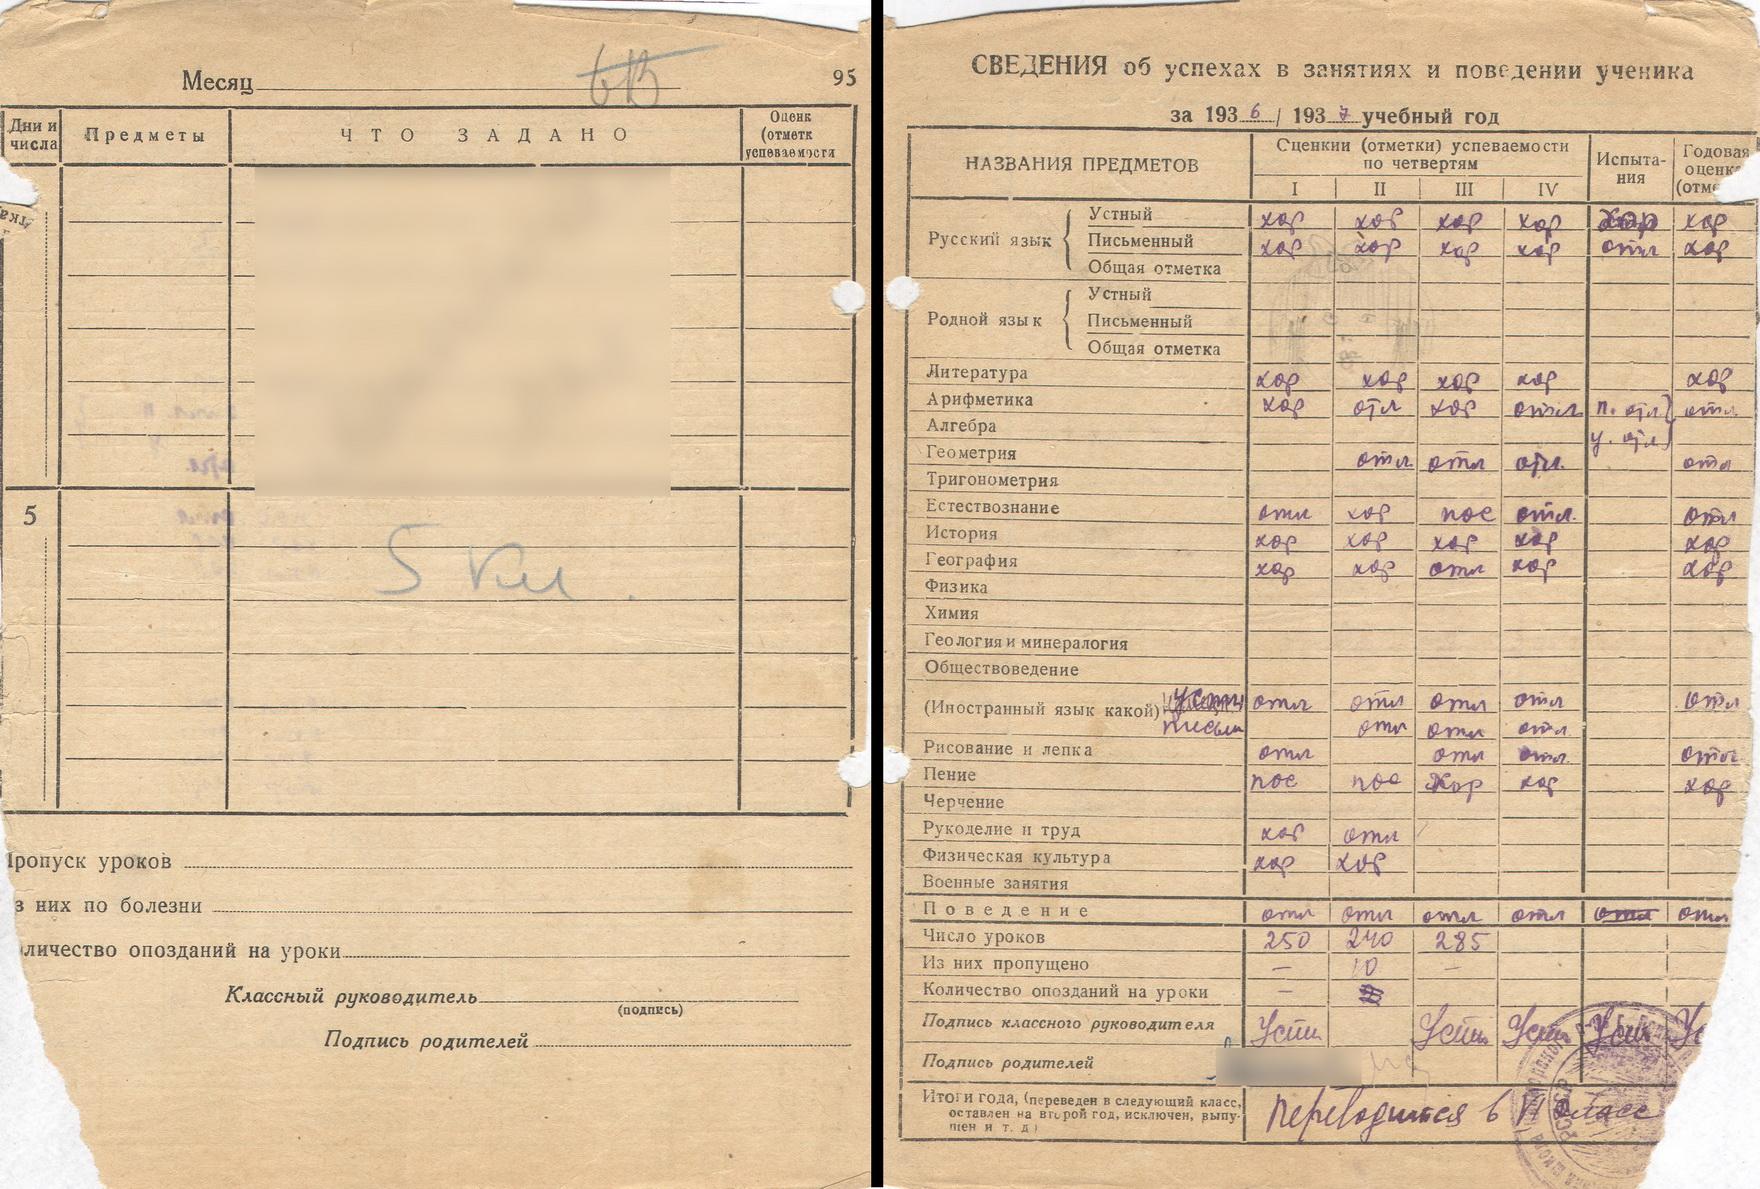 Tabel - 1936-37 - 5 klass_resize